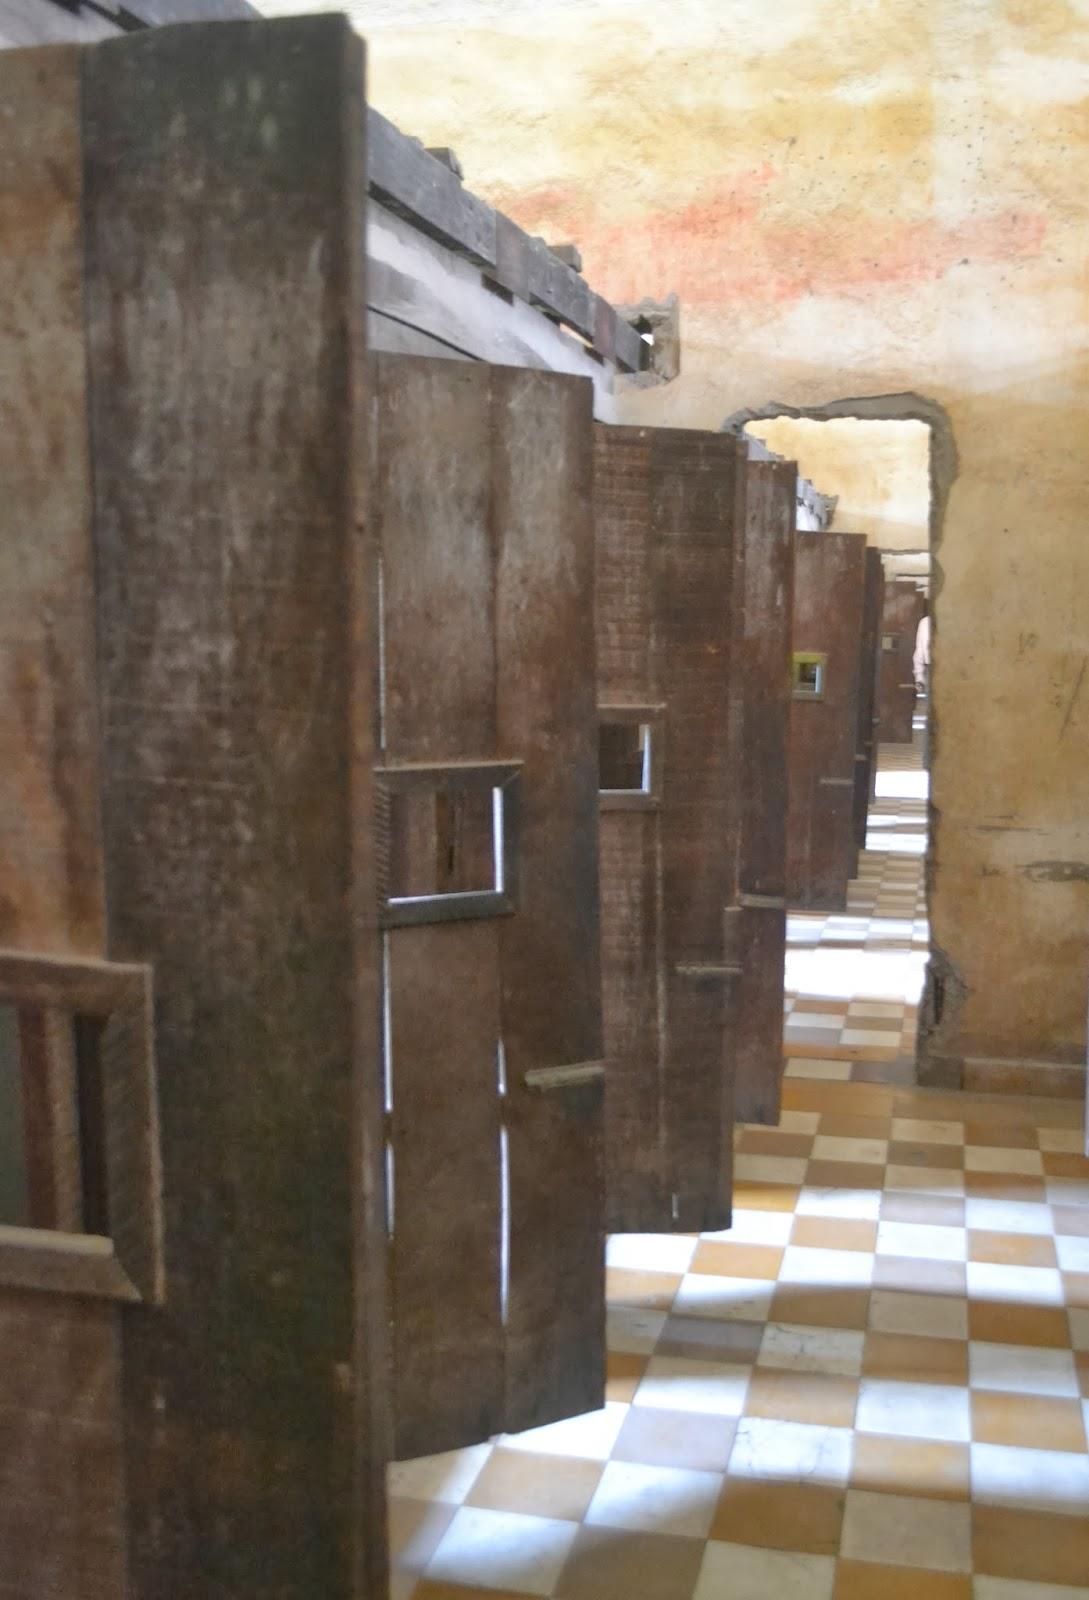 S21 prison phnom penh cambodia